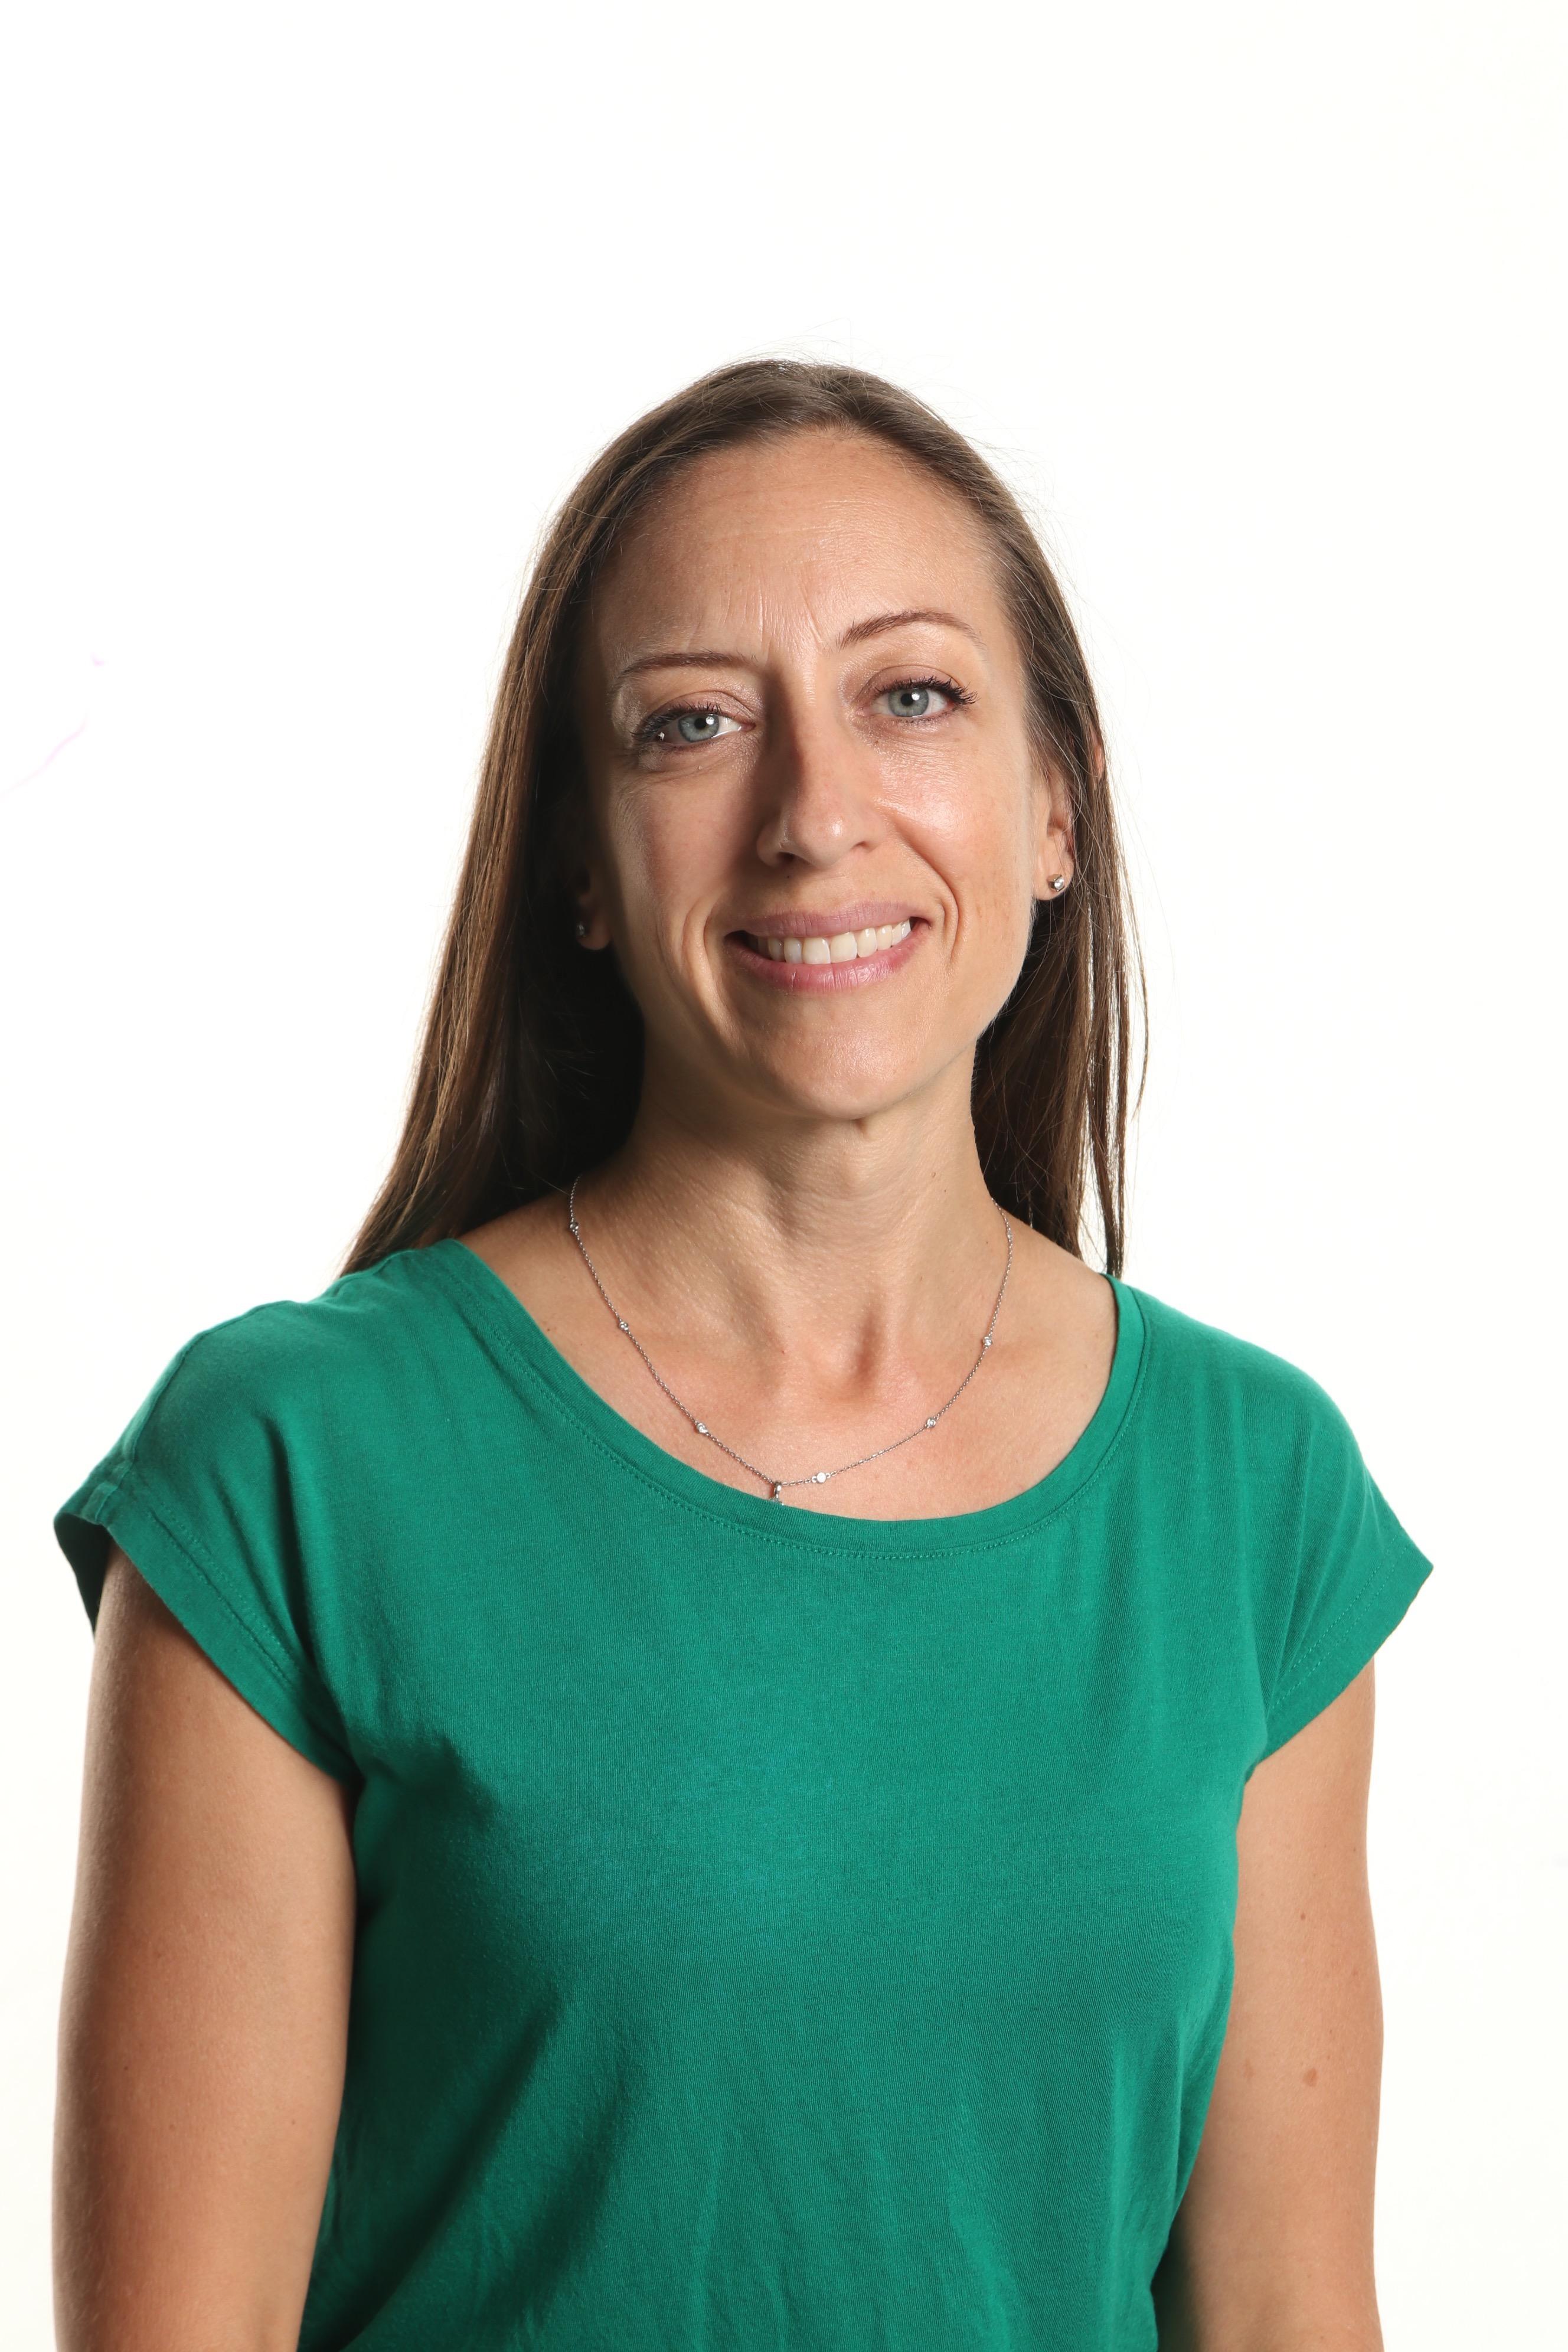 Sarah Gibbins